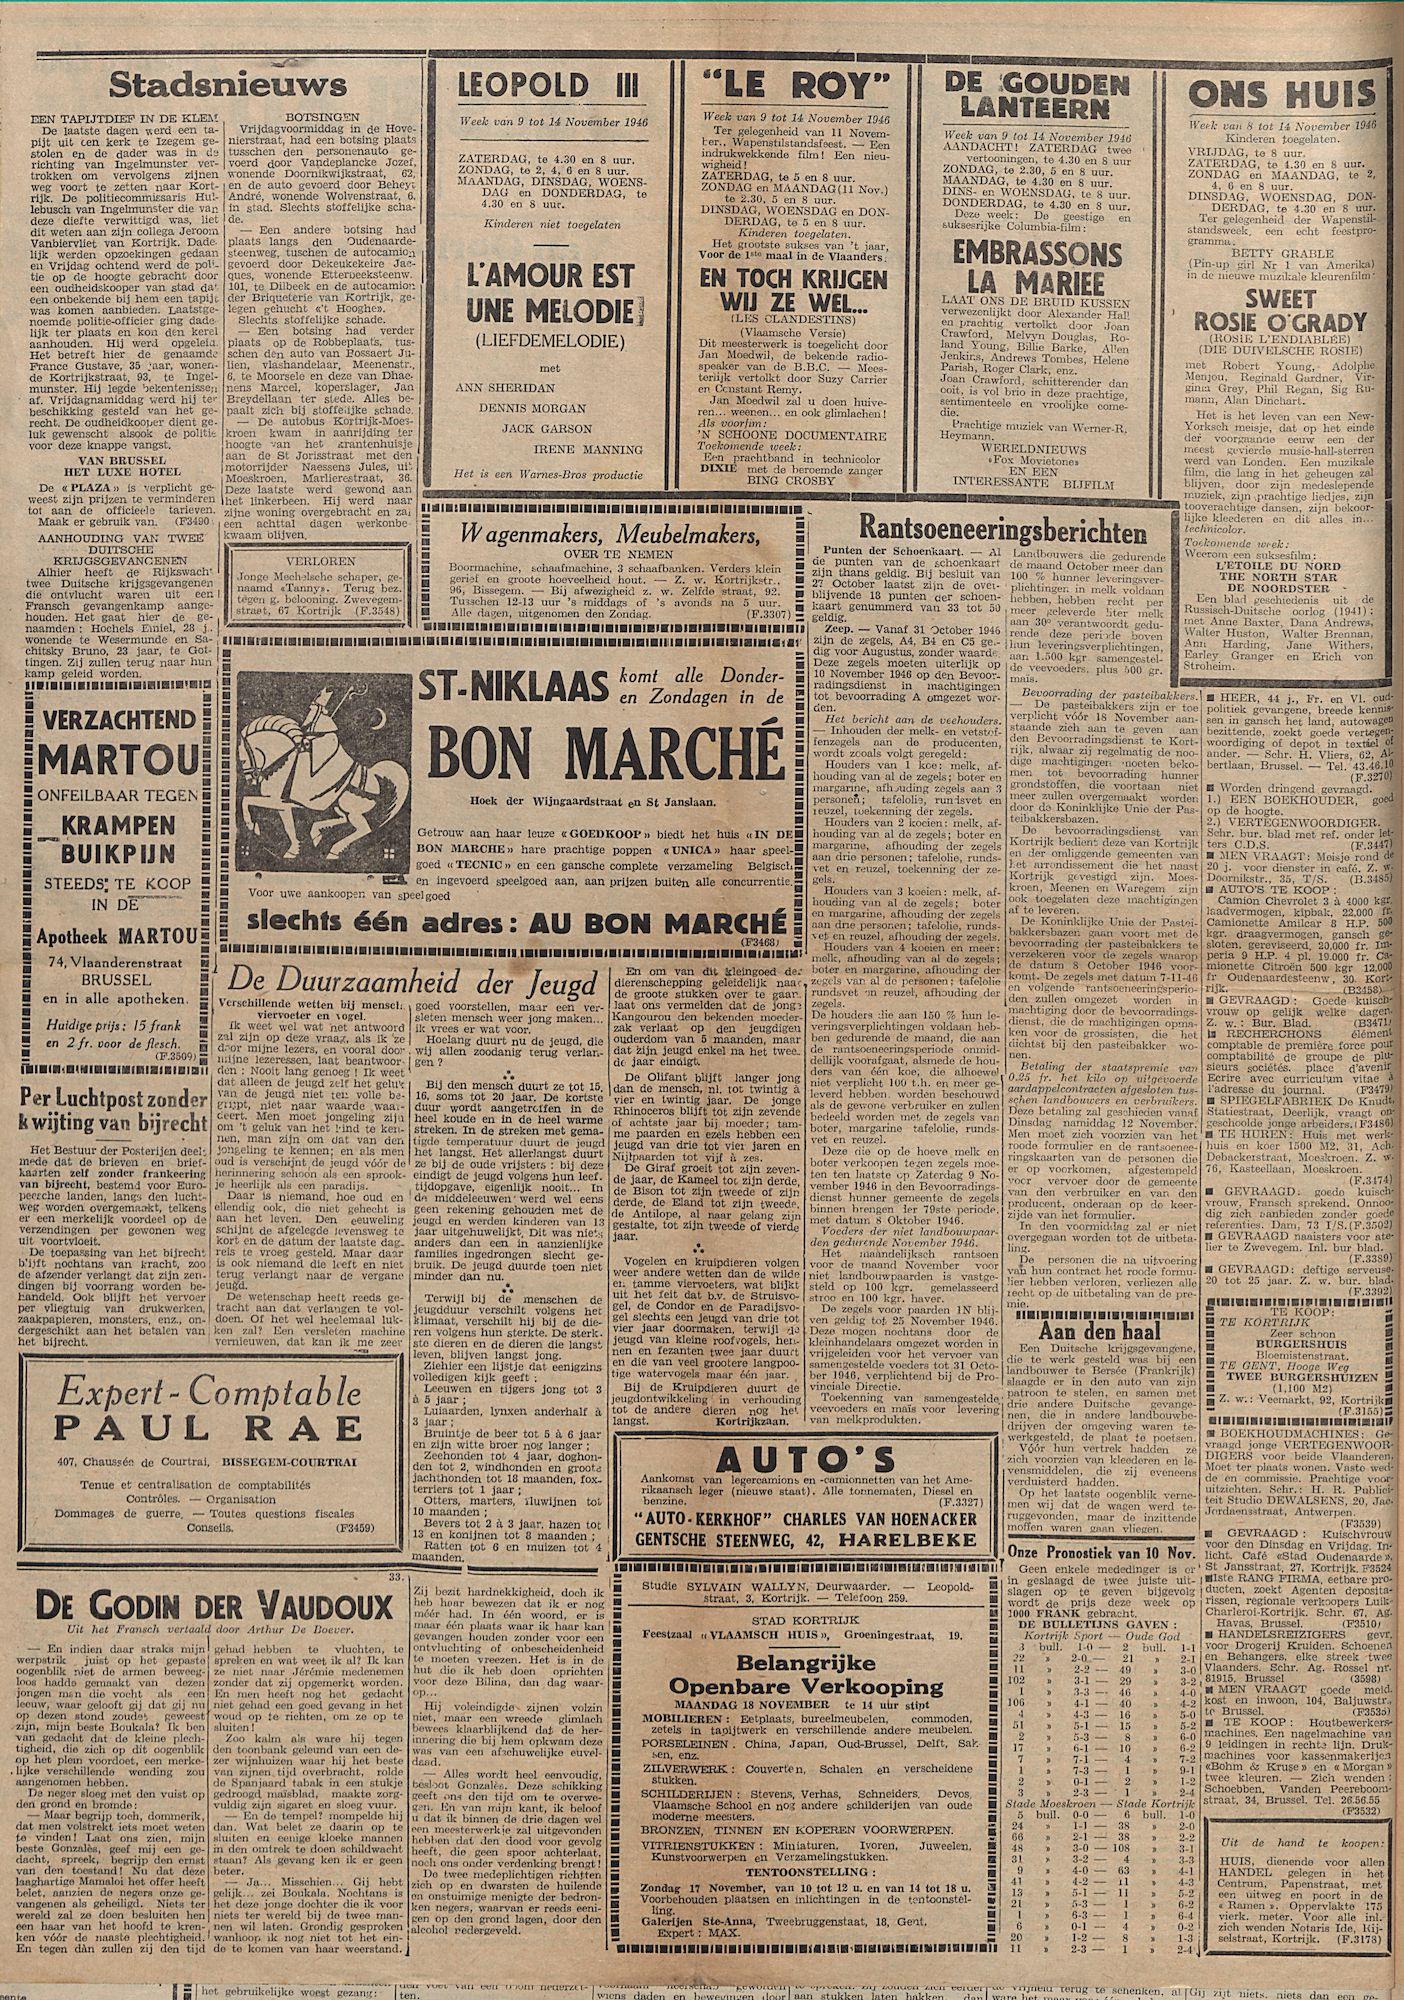 Kortrijksch Handelsblad 13 november 1946 Nr91 p2